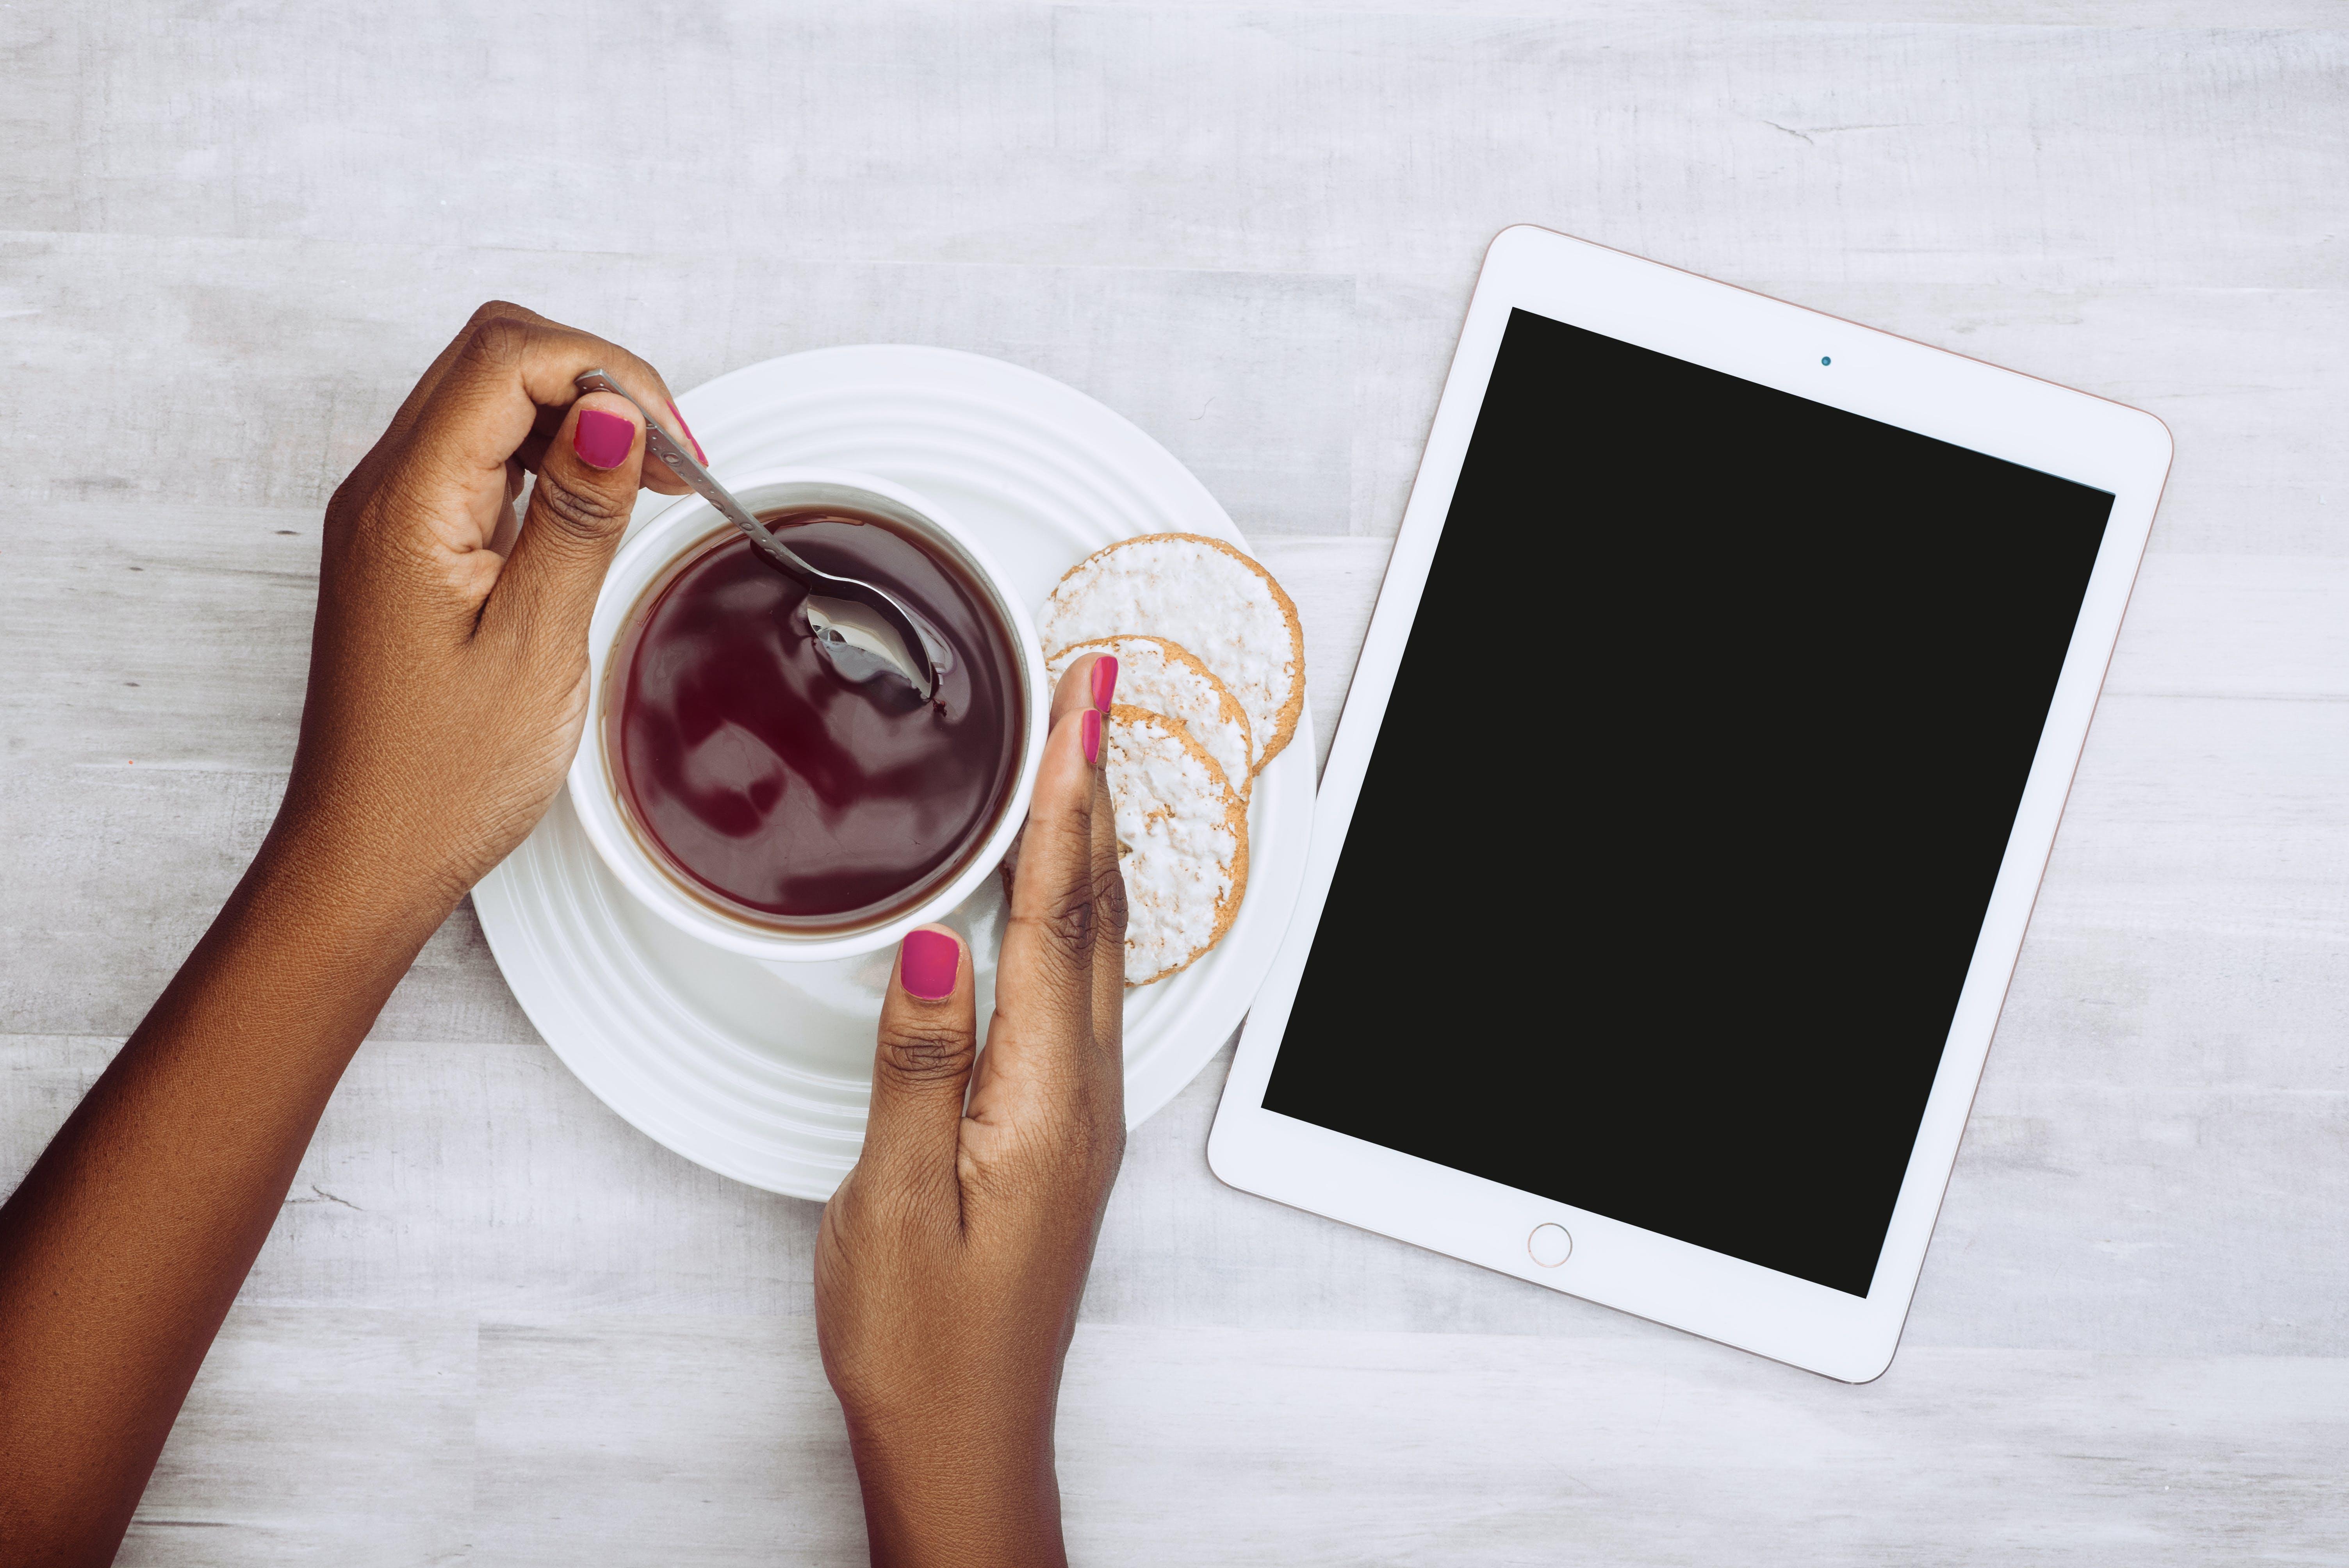 Immagine gratuita di bevanda, biscotti, caffè, compressa